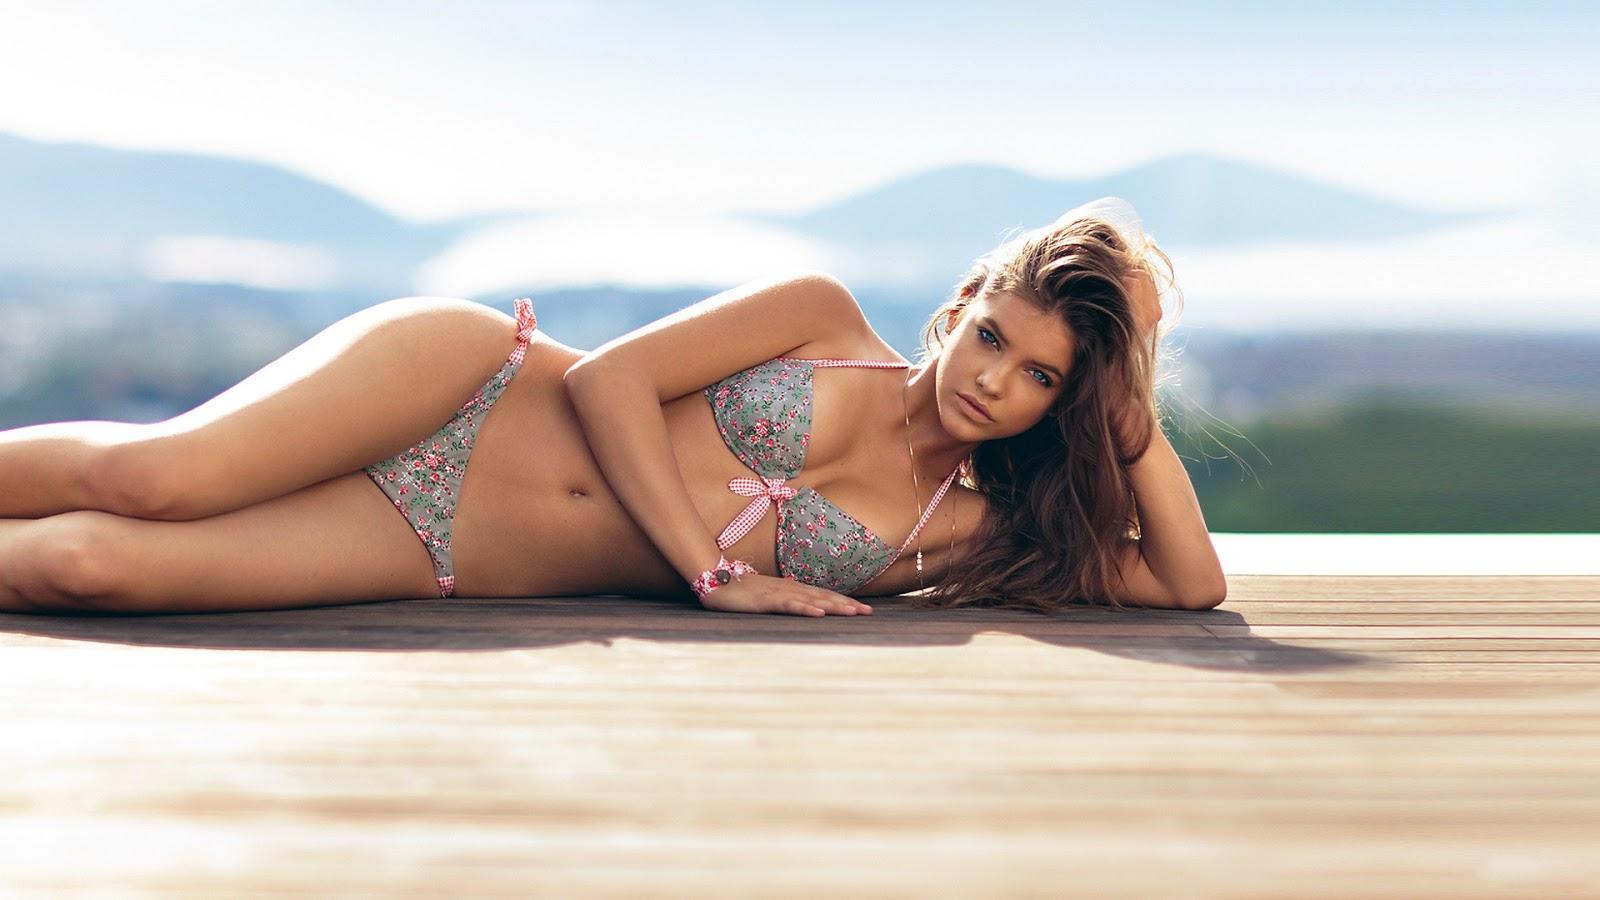 Selena Gomez Bikini Pic